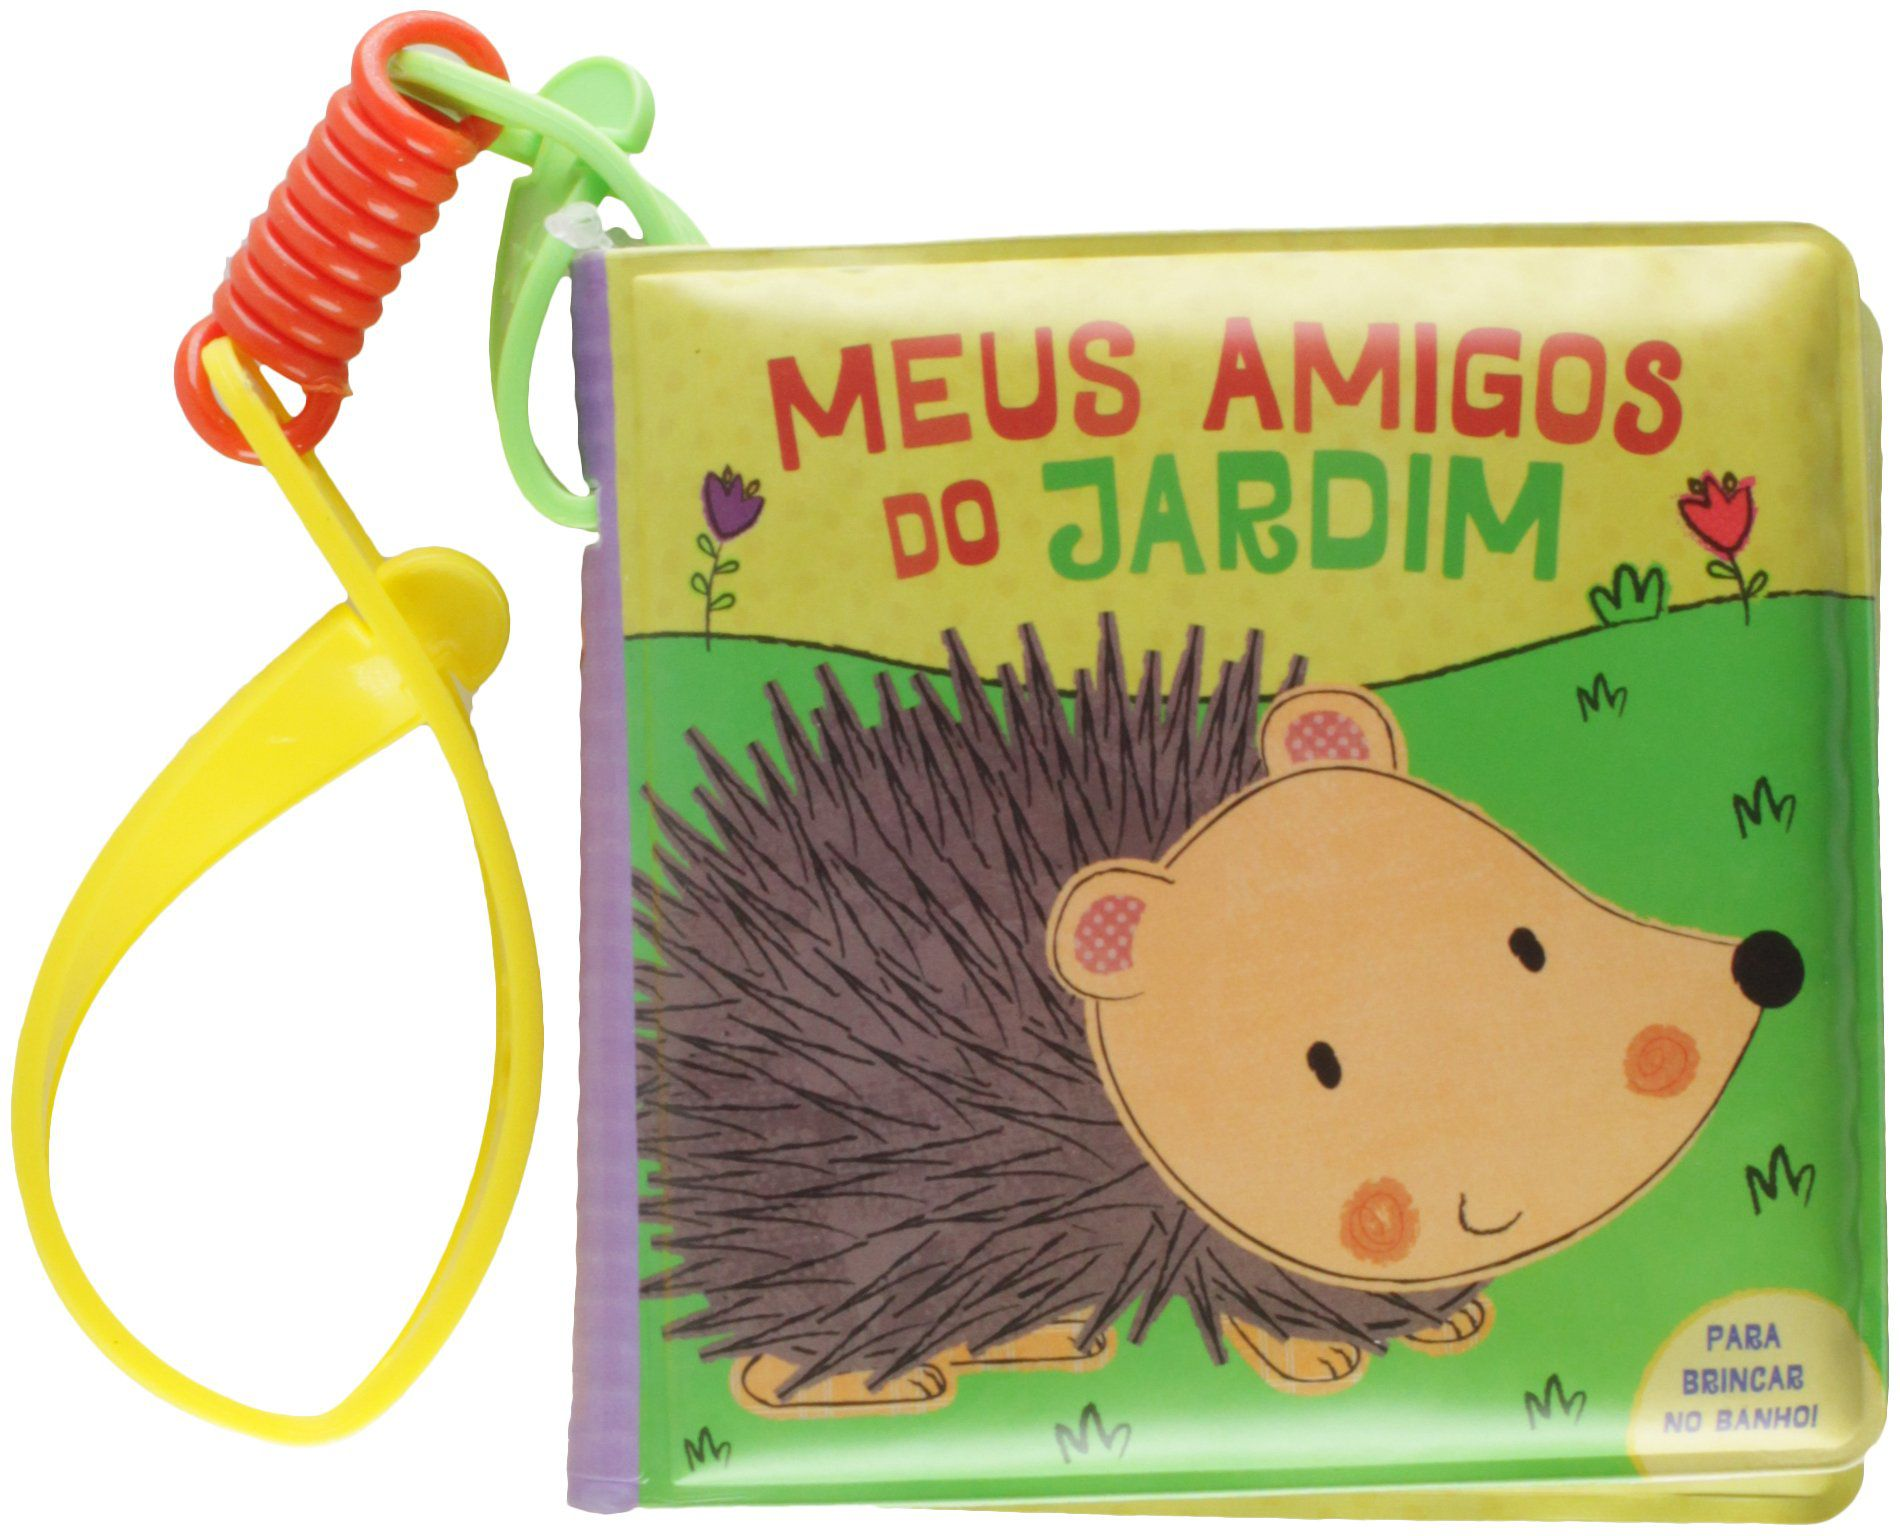 MEUS AMIGOS DO JARDIM